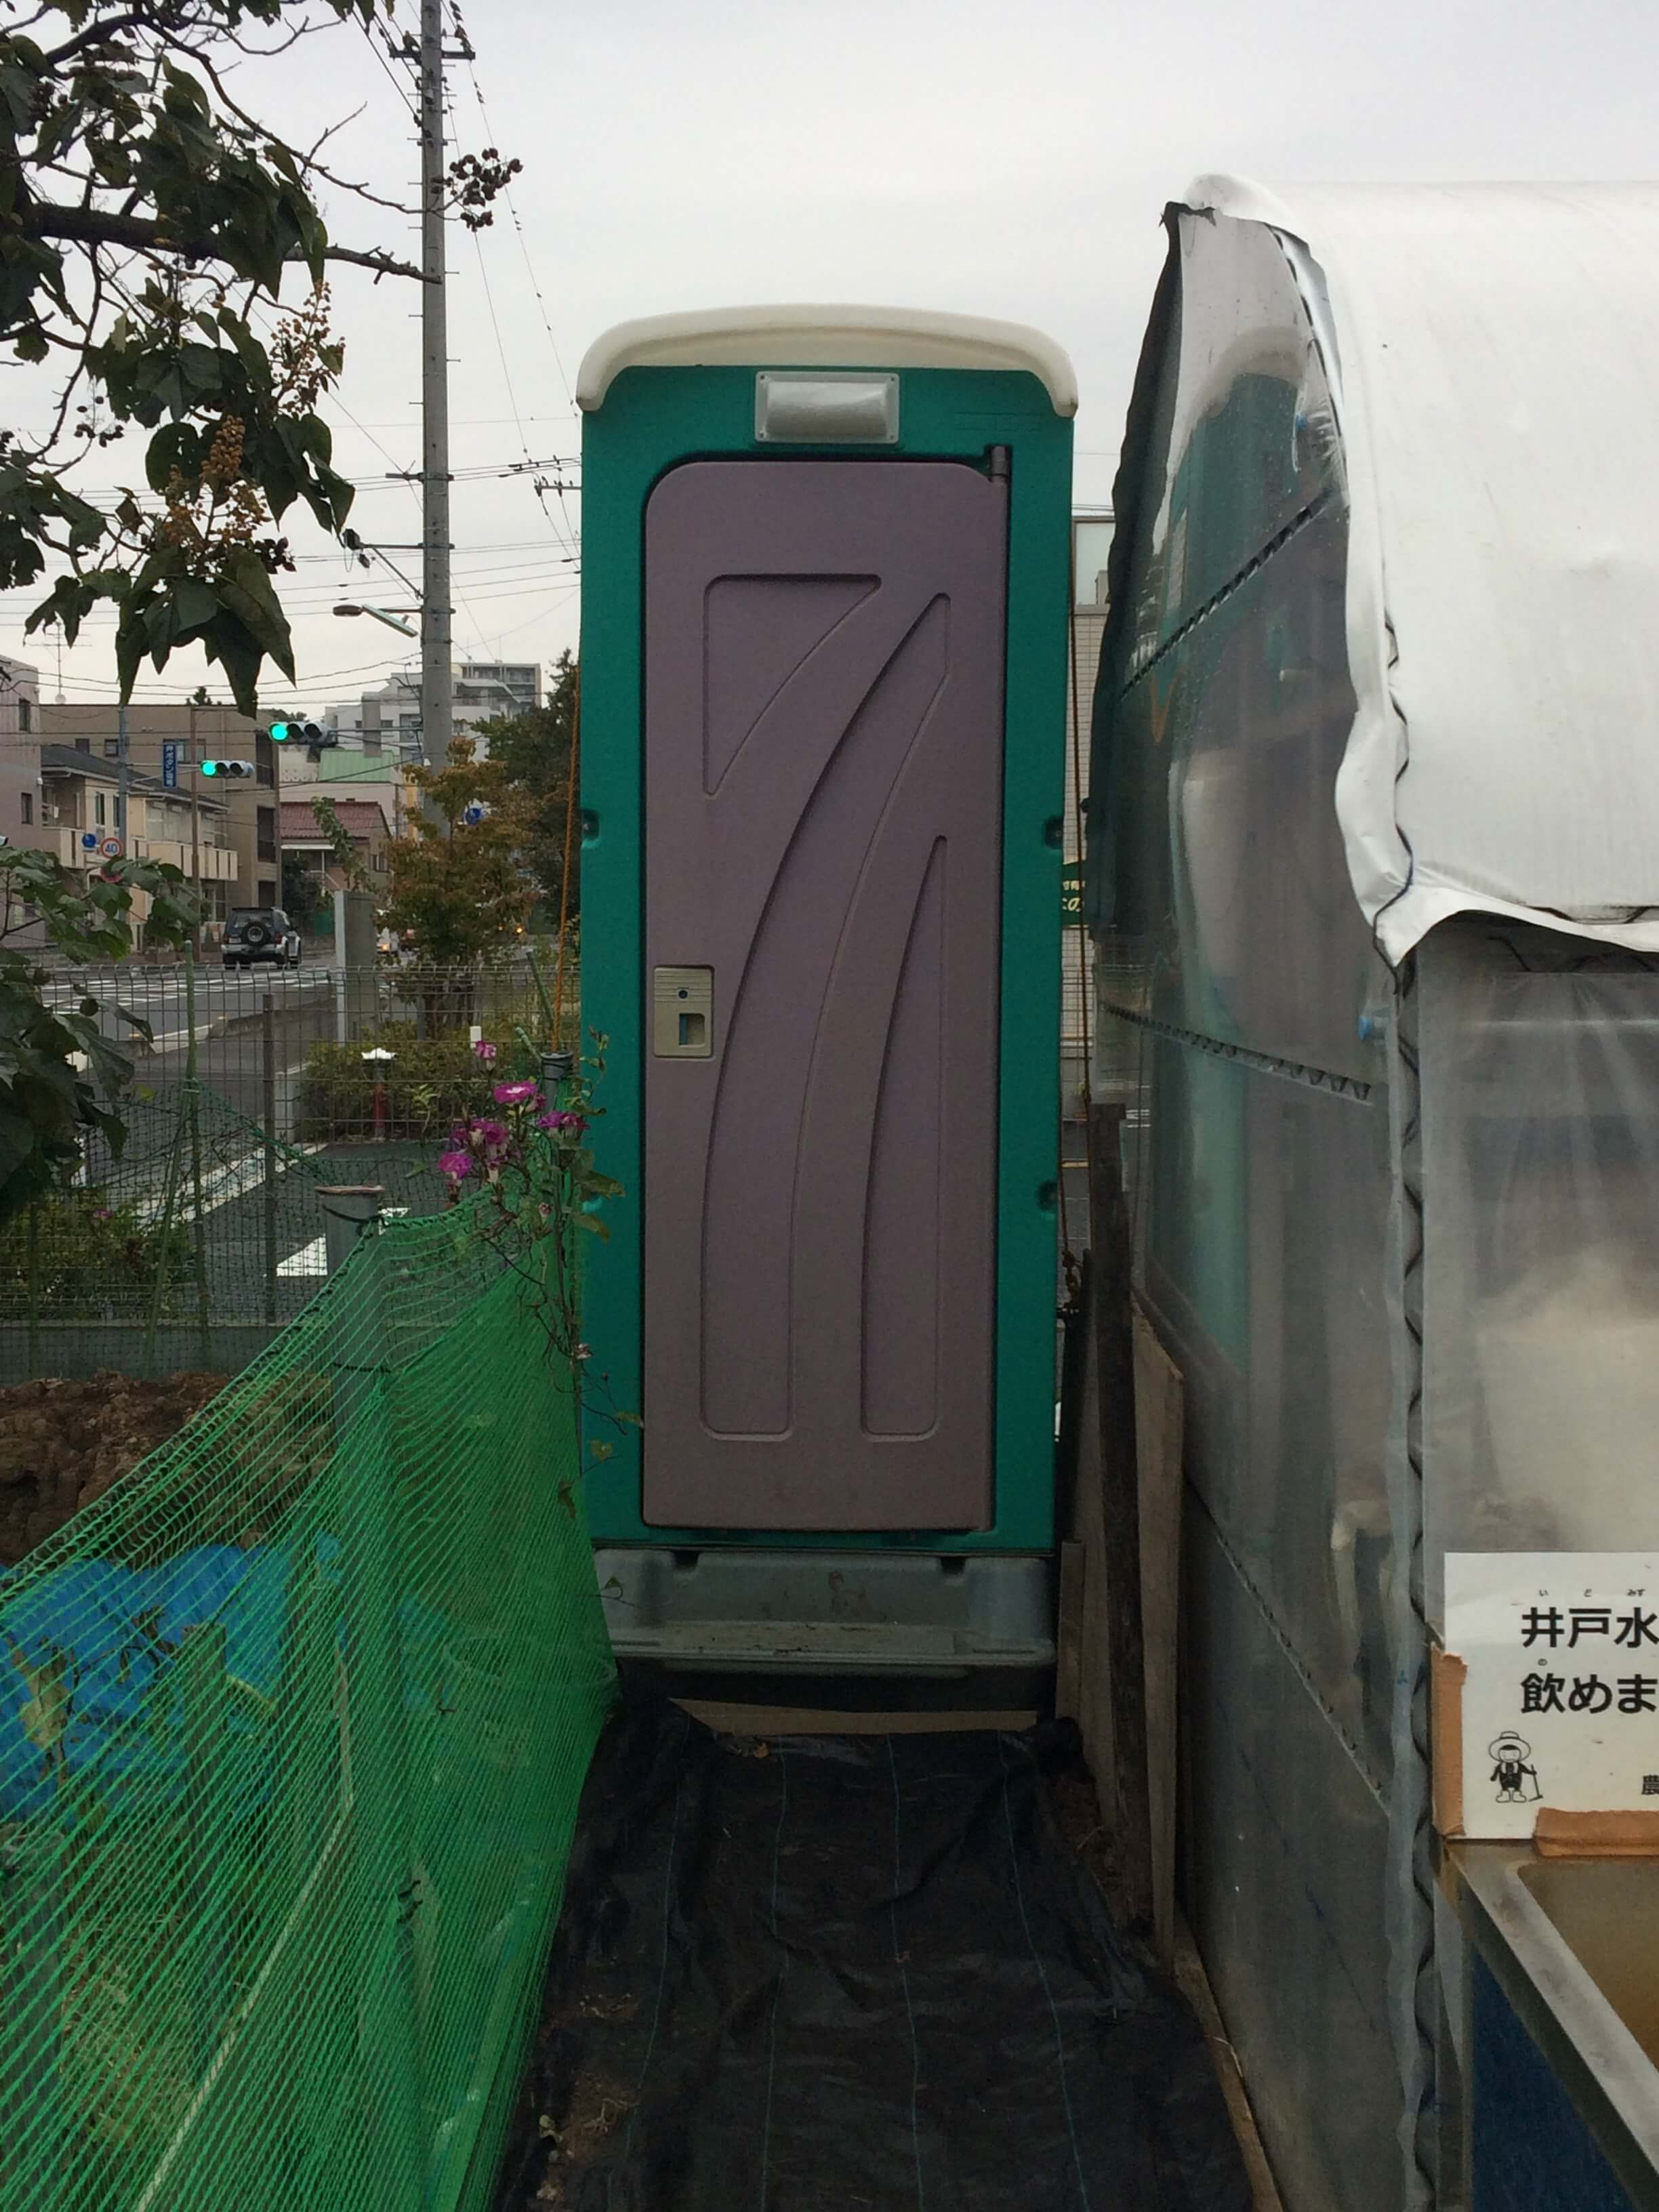 シェア畑見学と入会・口コミ・評判32